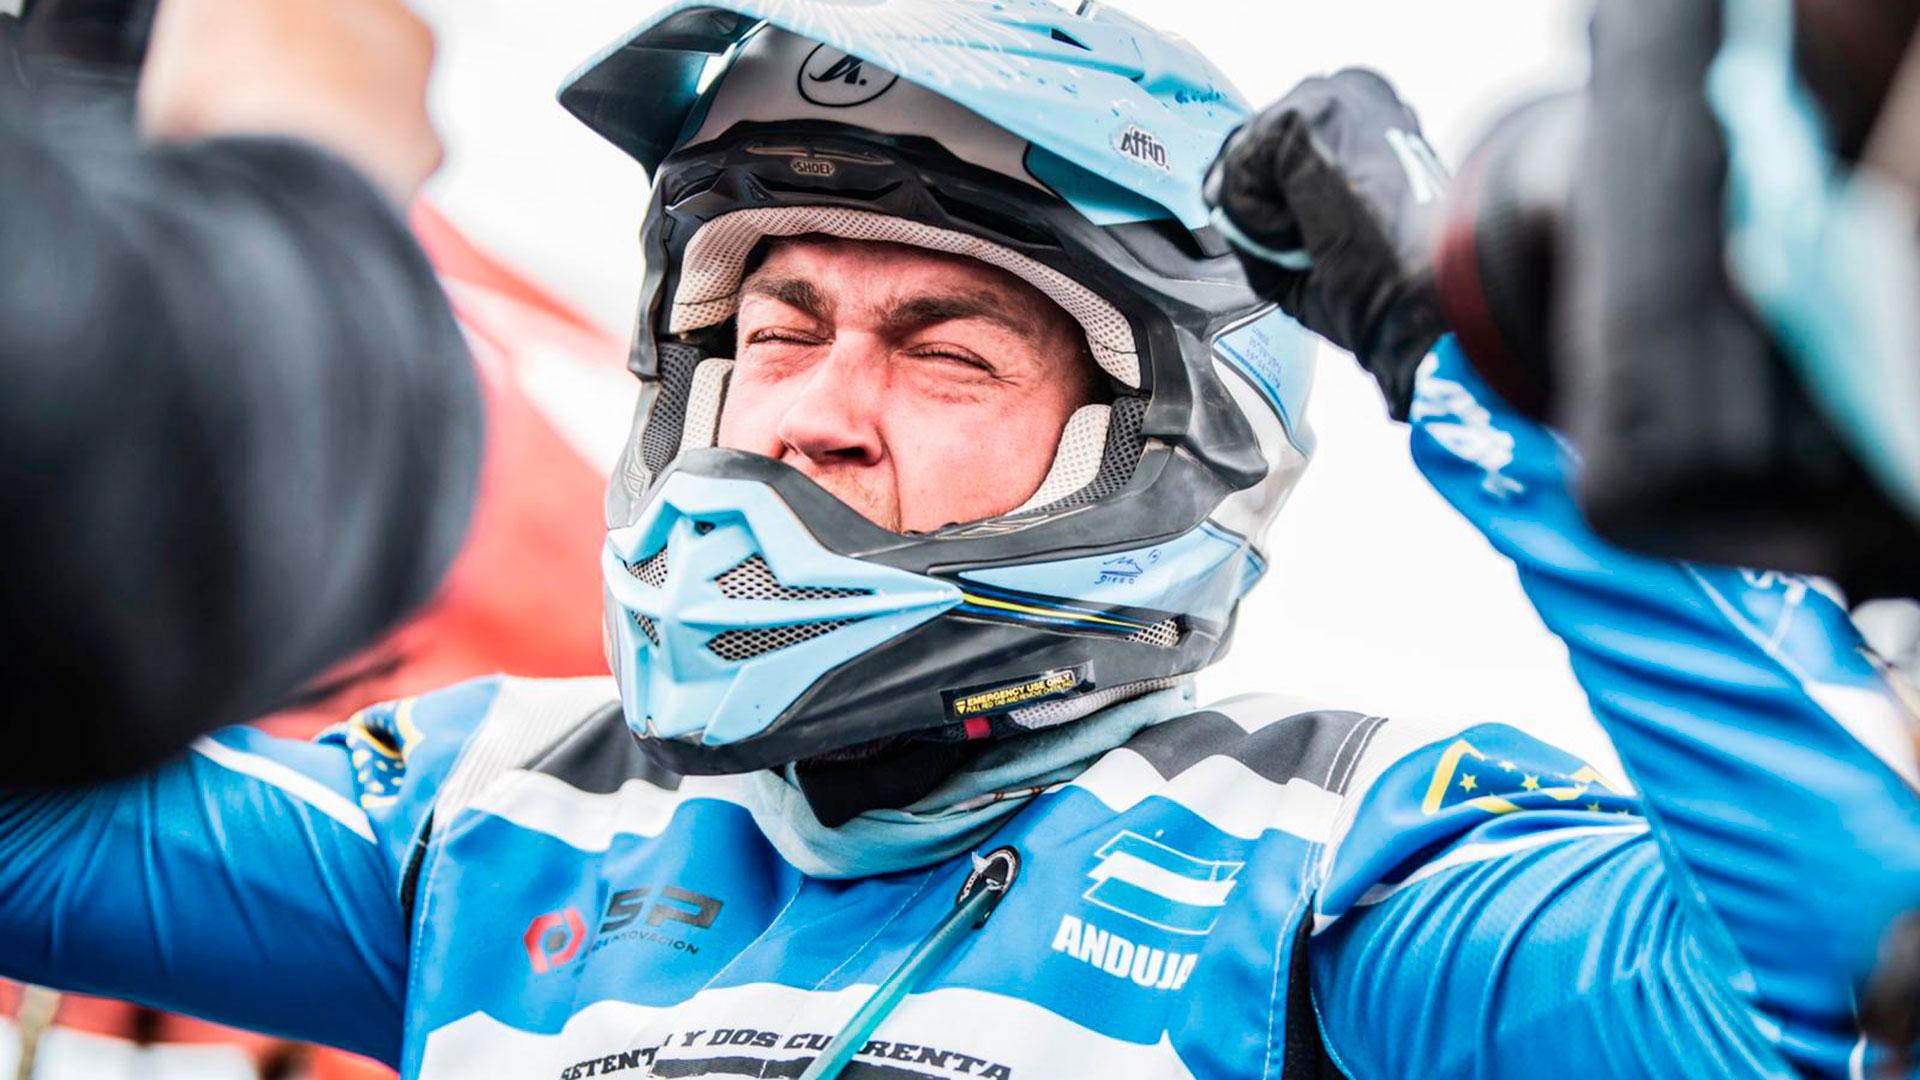 La emoción de Manuel Andújar tras quedarse con el primer lugar en el Dakar (@dakar)